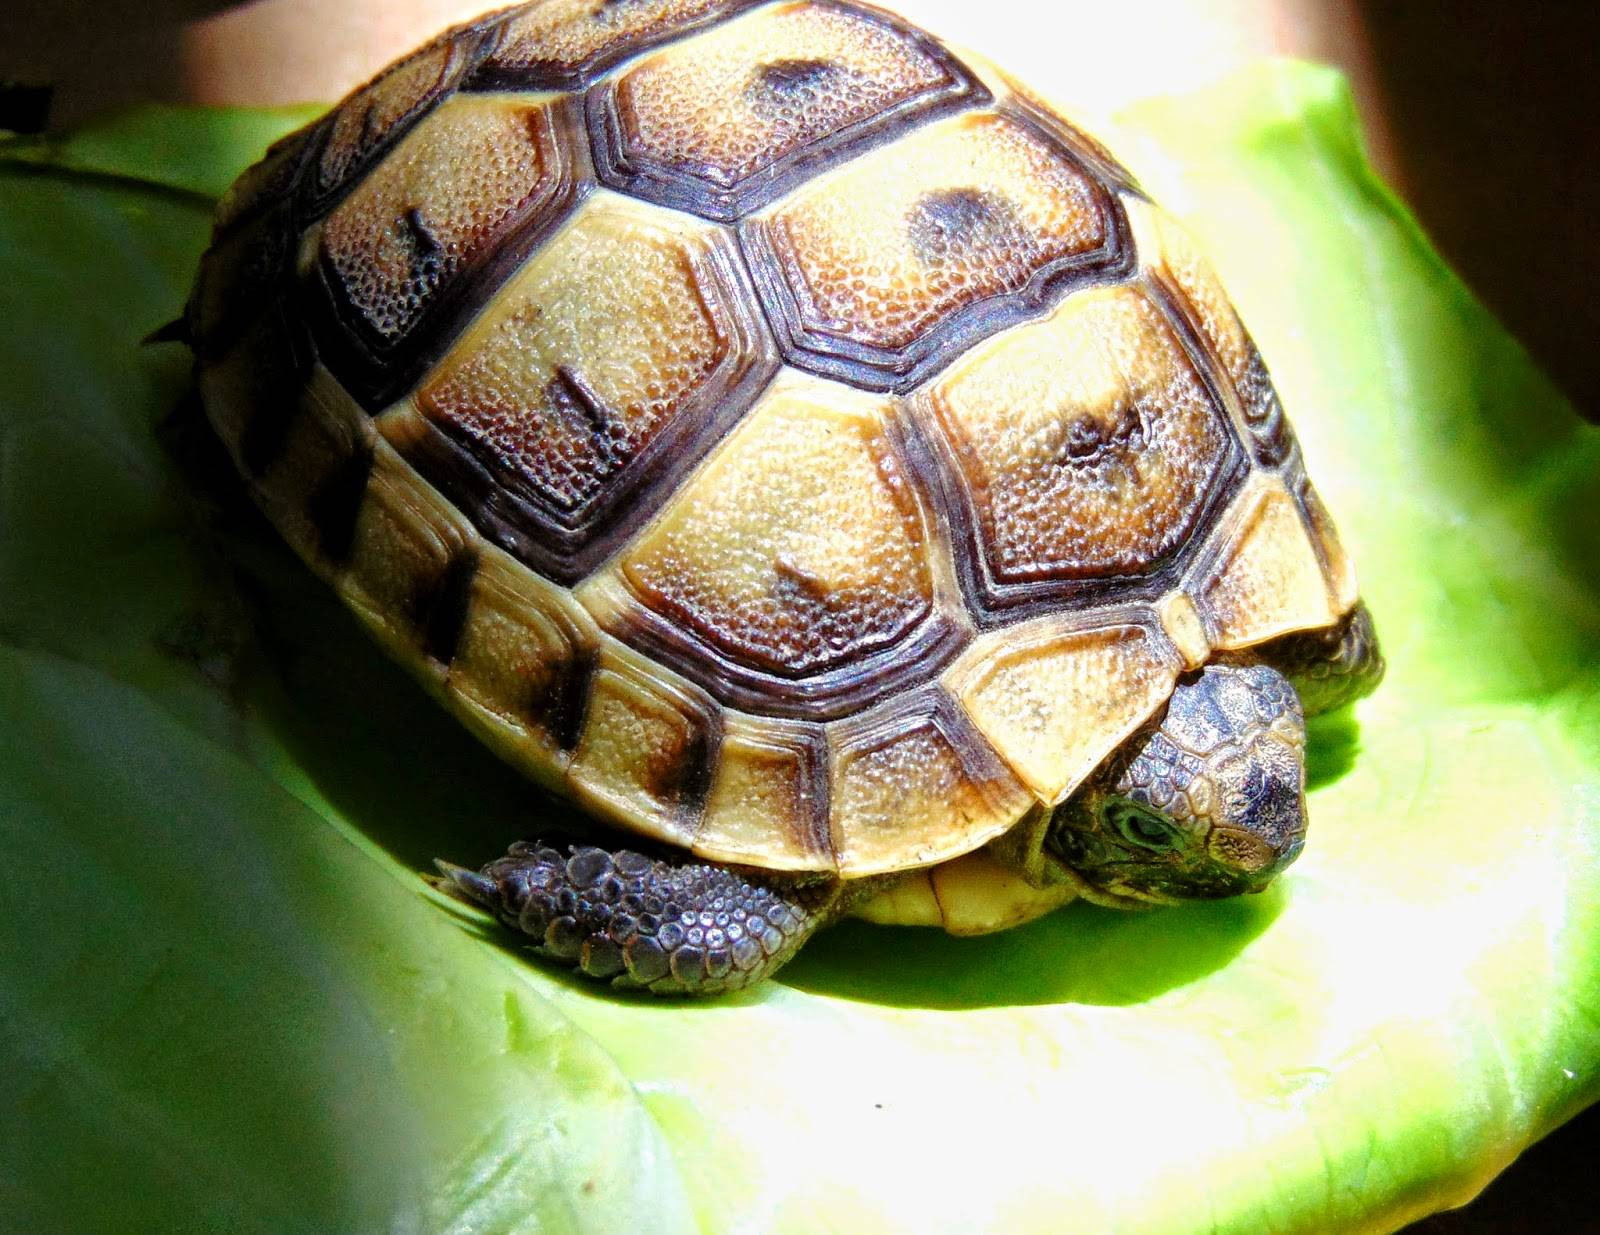 Гибриды животных и растений: примеры, фото. гибрид человека и животного